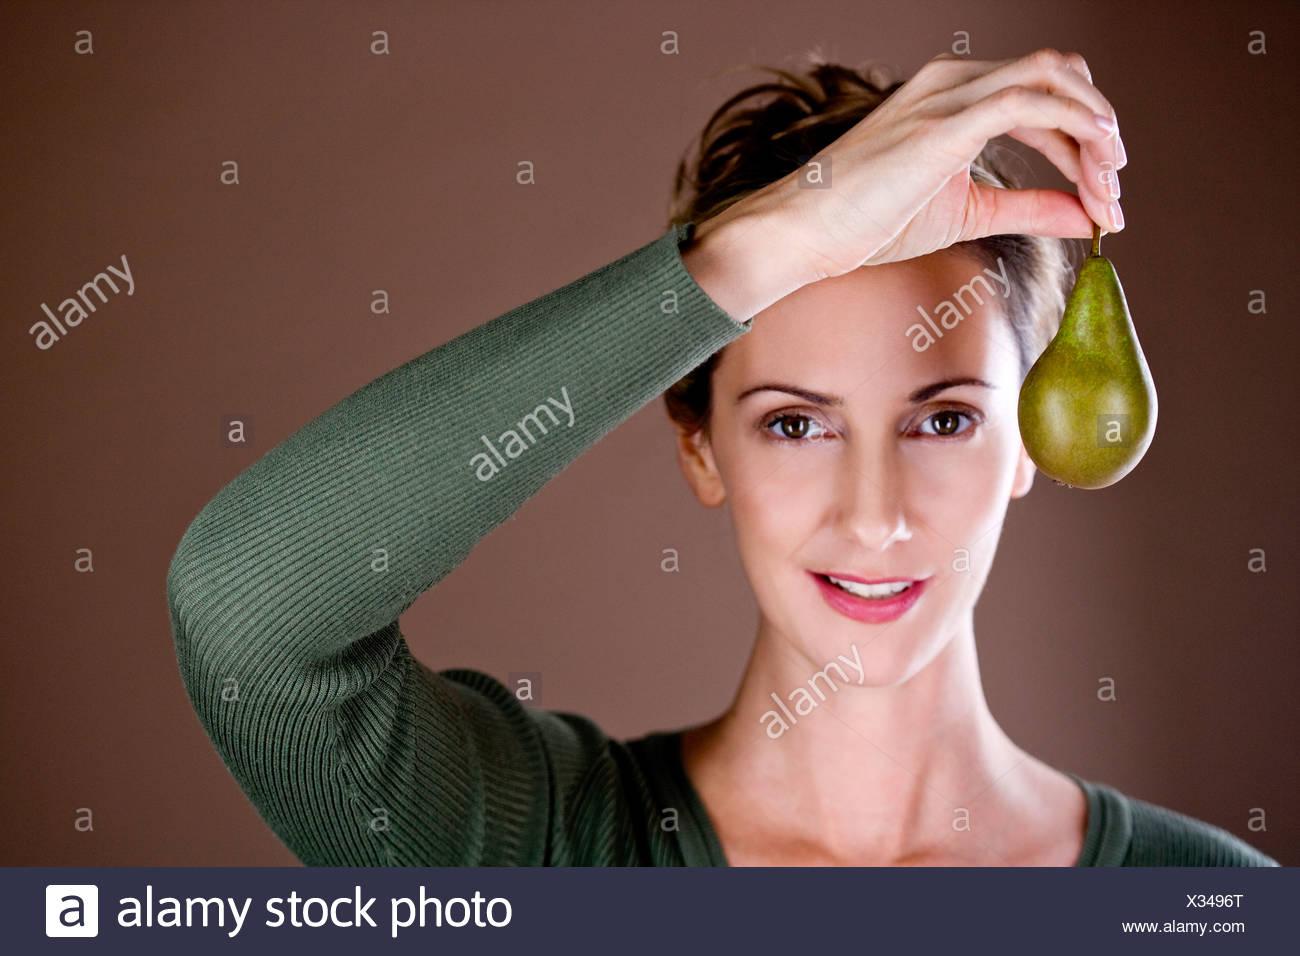 Una metà donna adulta tenendo una pera Immagini Stock